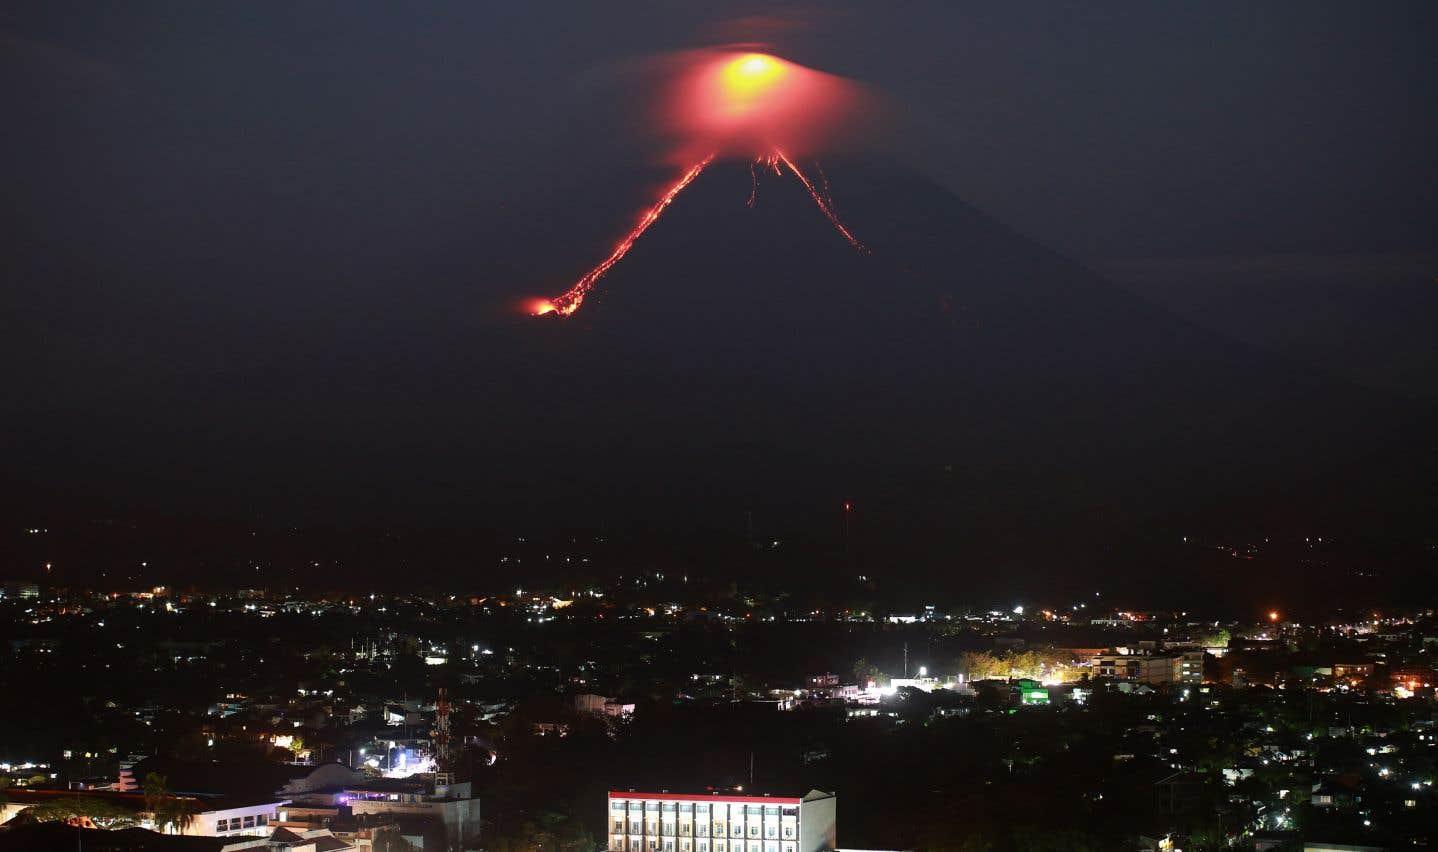 Le réveil du volcan philippin Mayon fait fuir des milliers de personnes